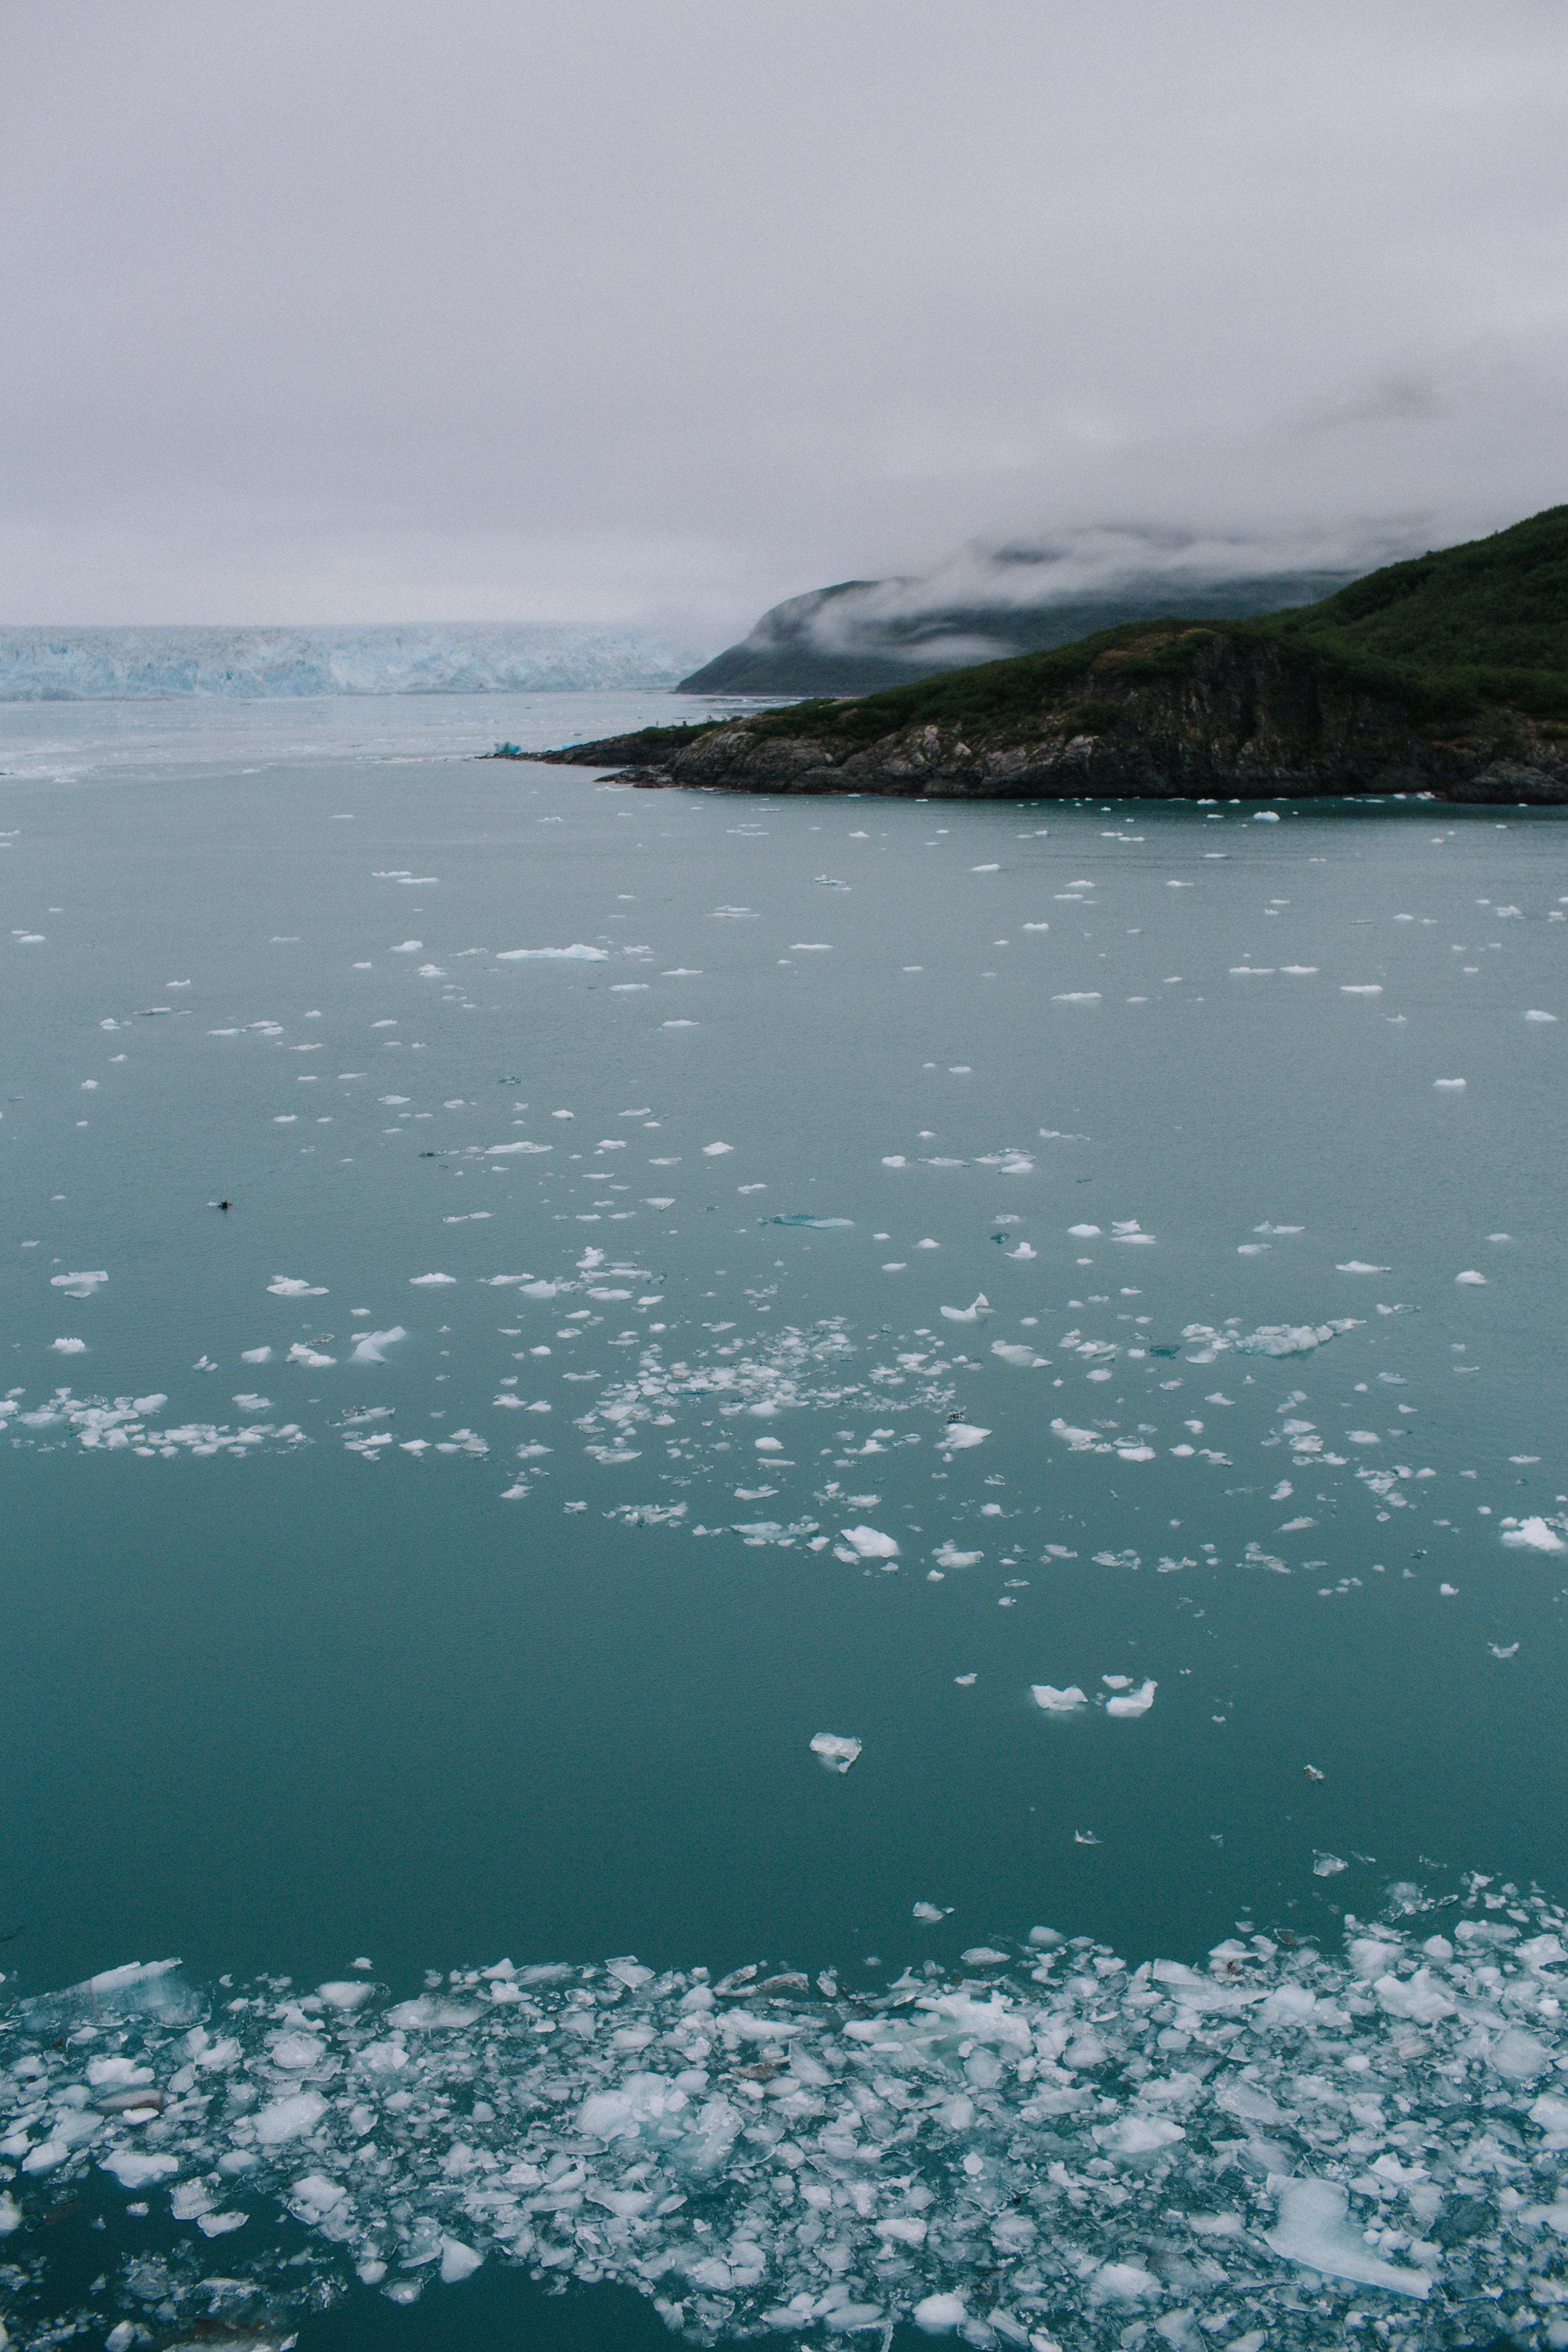 GlacierBayAlaska3_TR2018 (2 of 8).jpg